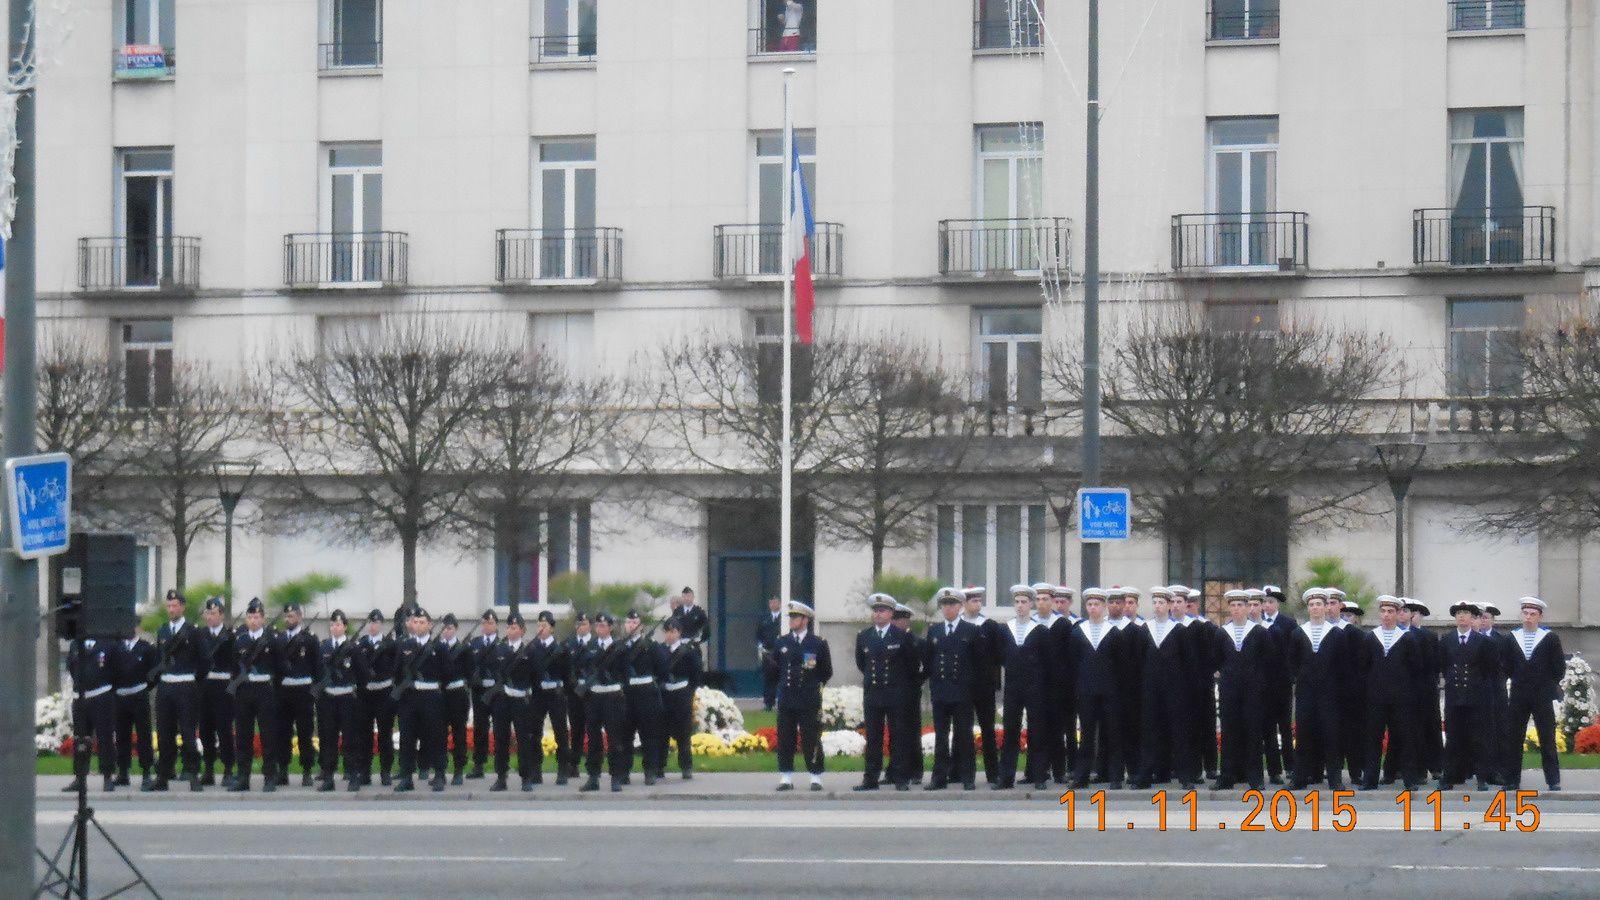 Photos de la cérémonie du 11 novembre 2015 à Tours